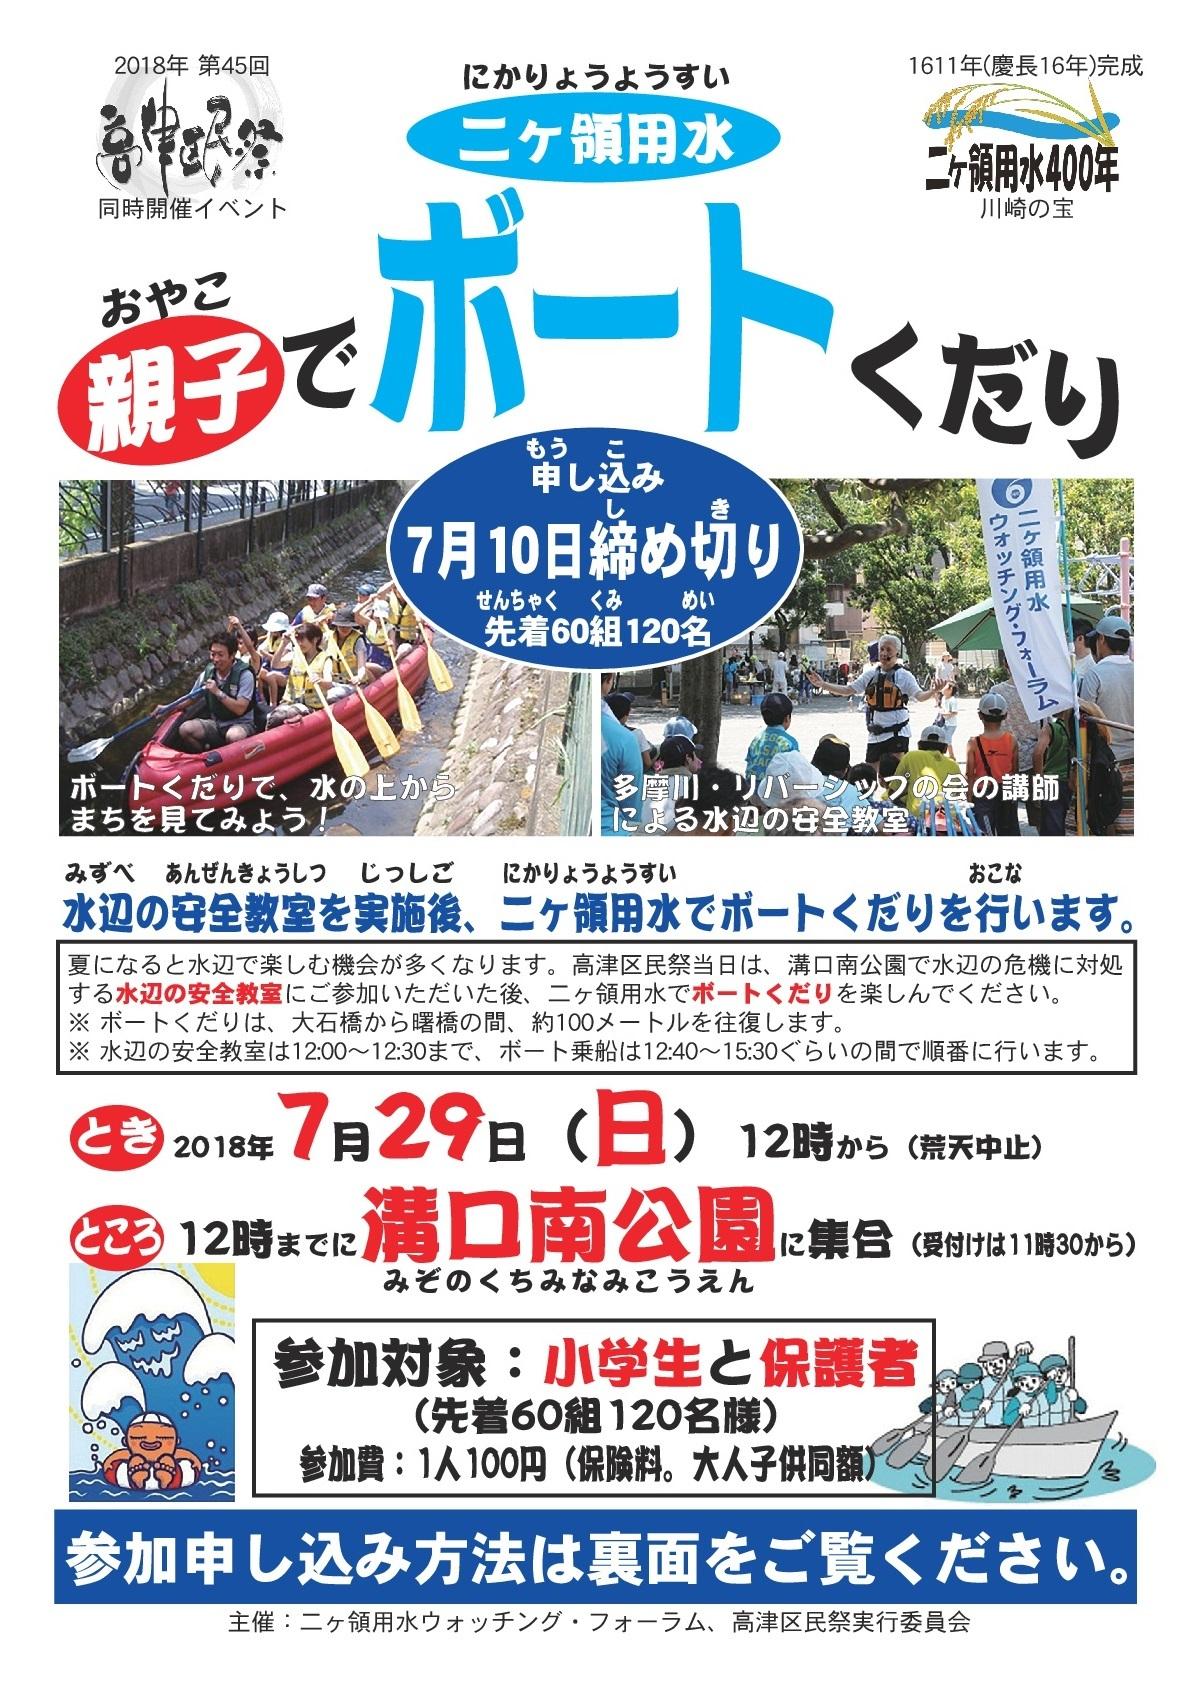 A4たて(表)_アウトライン_45高津区民祭_20180729